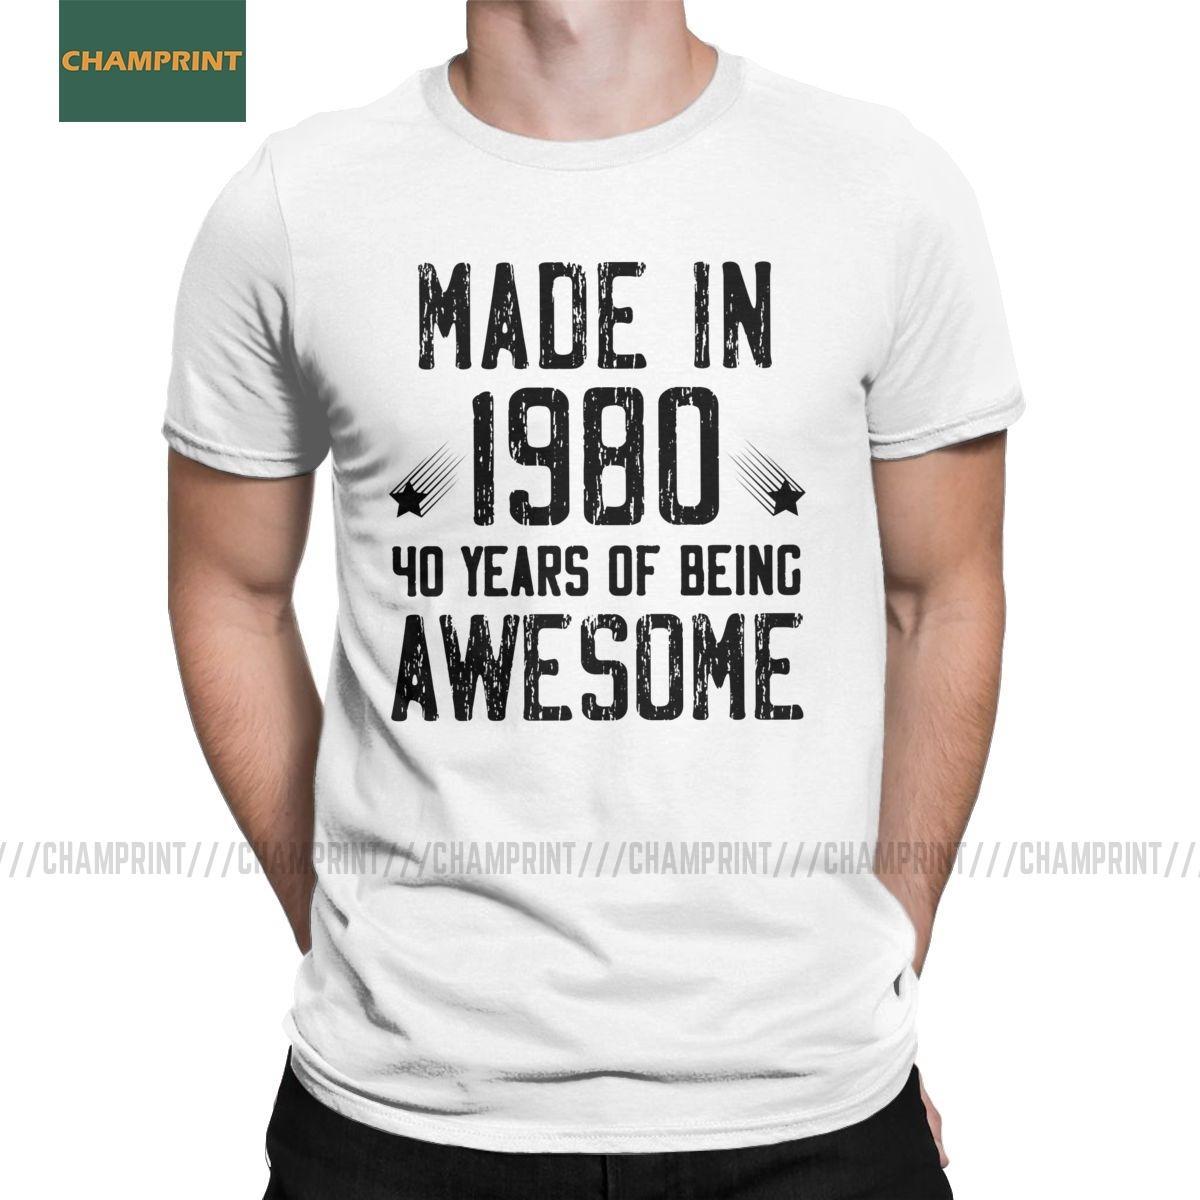 Hergestellt 1980 40 Jahre Sein ehrfürchtiges Geschenk für 2020 Geburtstags-T-Shirt Jahrestag kühlen Tees Kurzarm T-Shirt aus Baumwolle